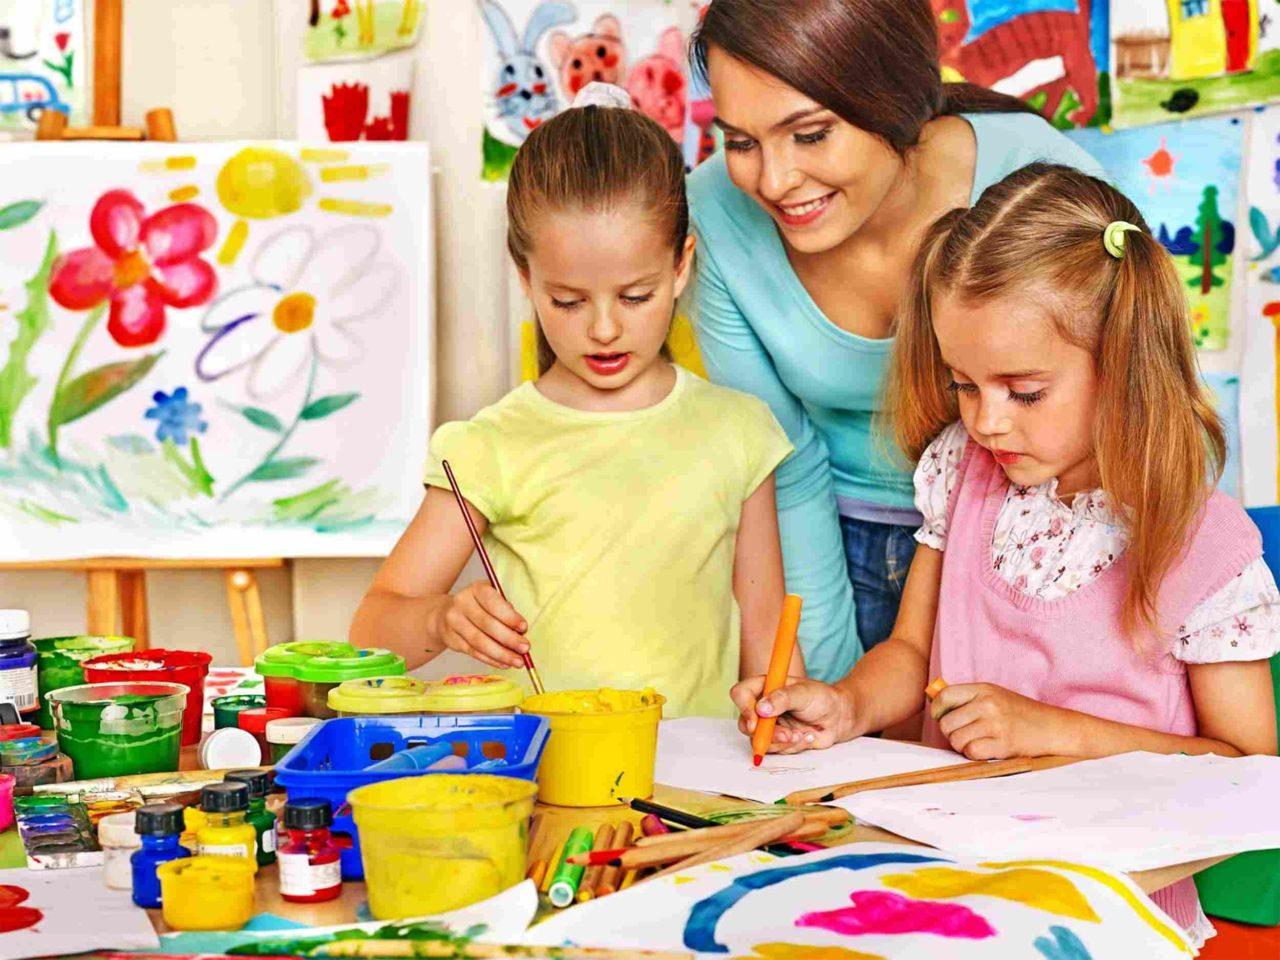 kindergarden-04-1280x960.jpg